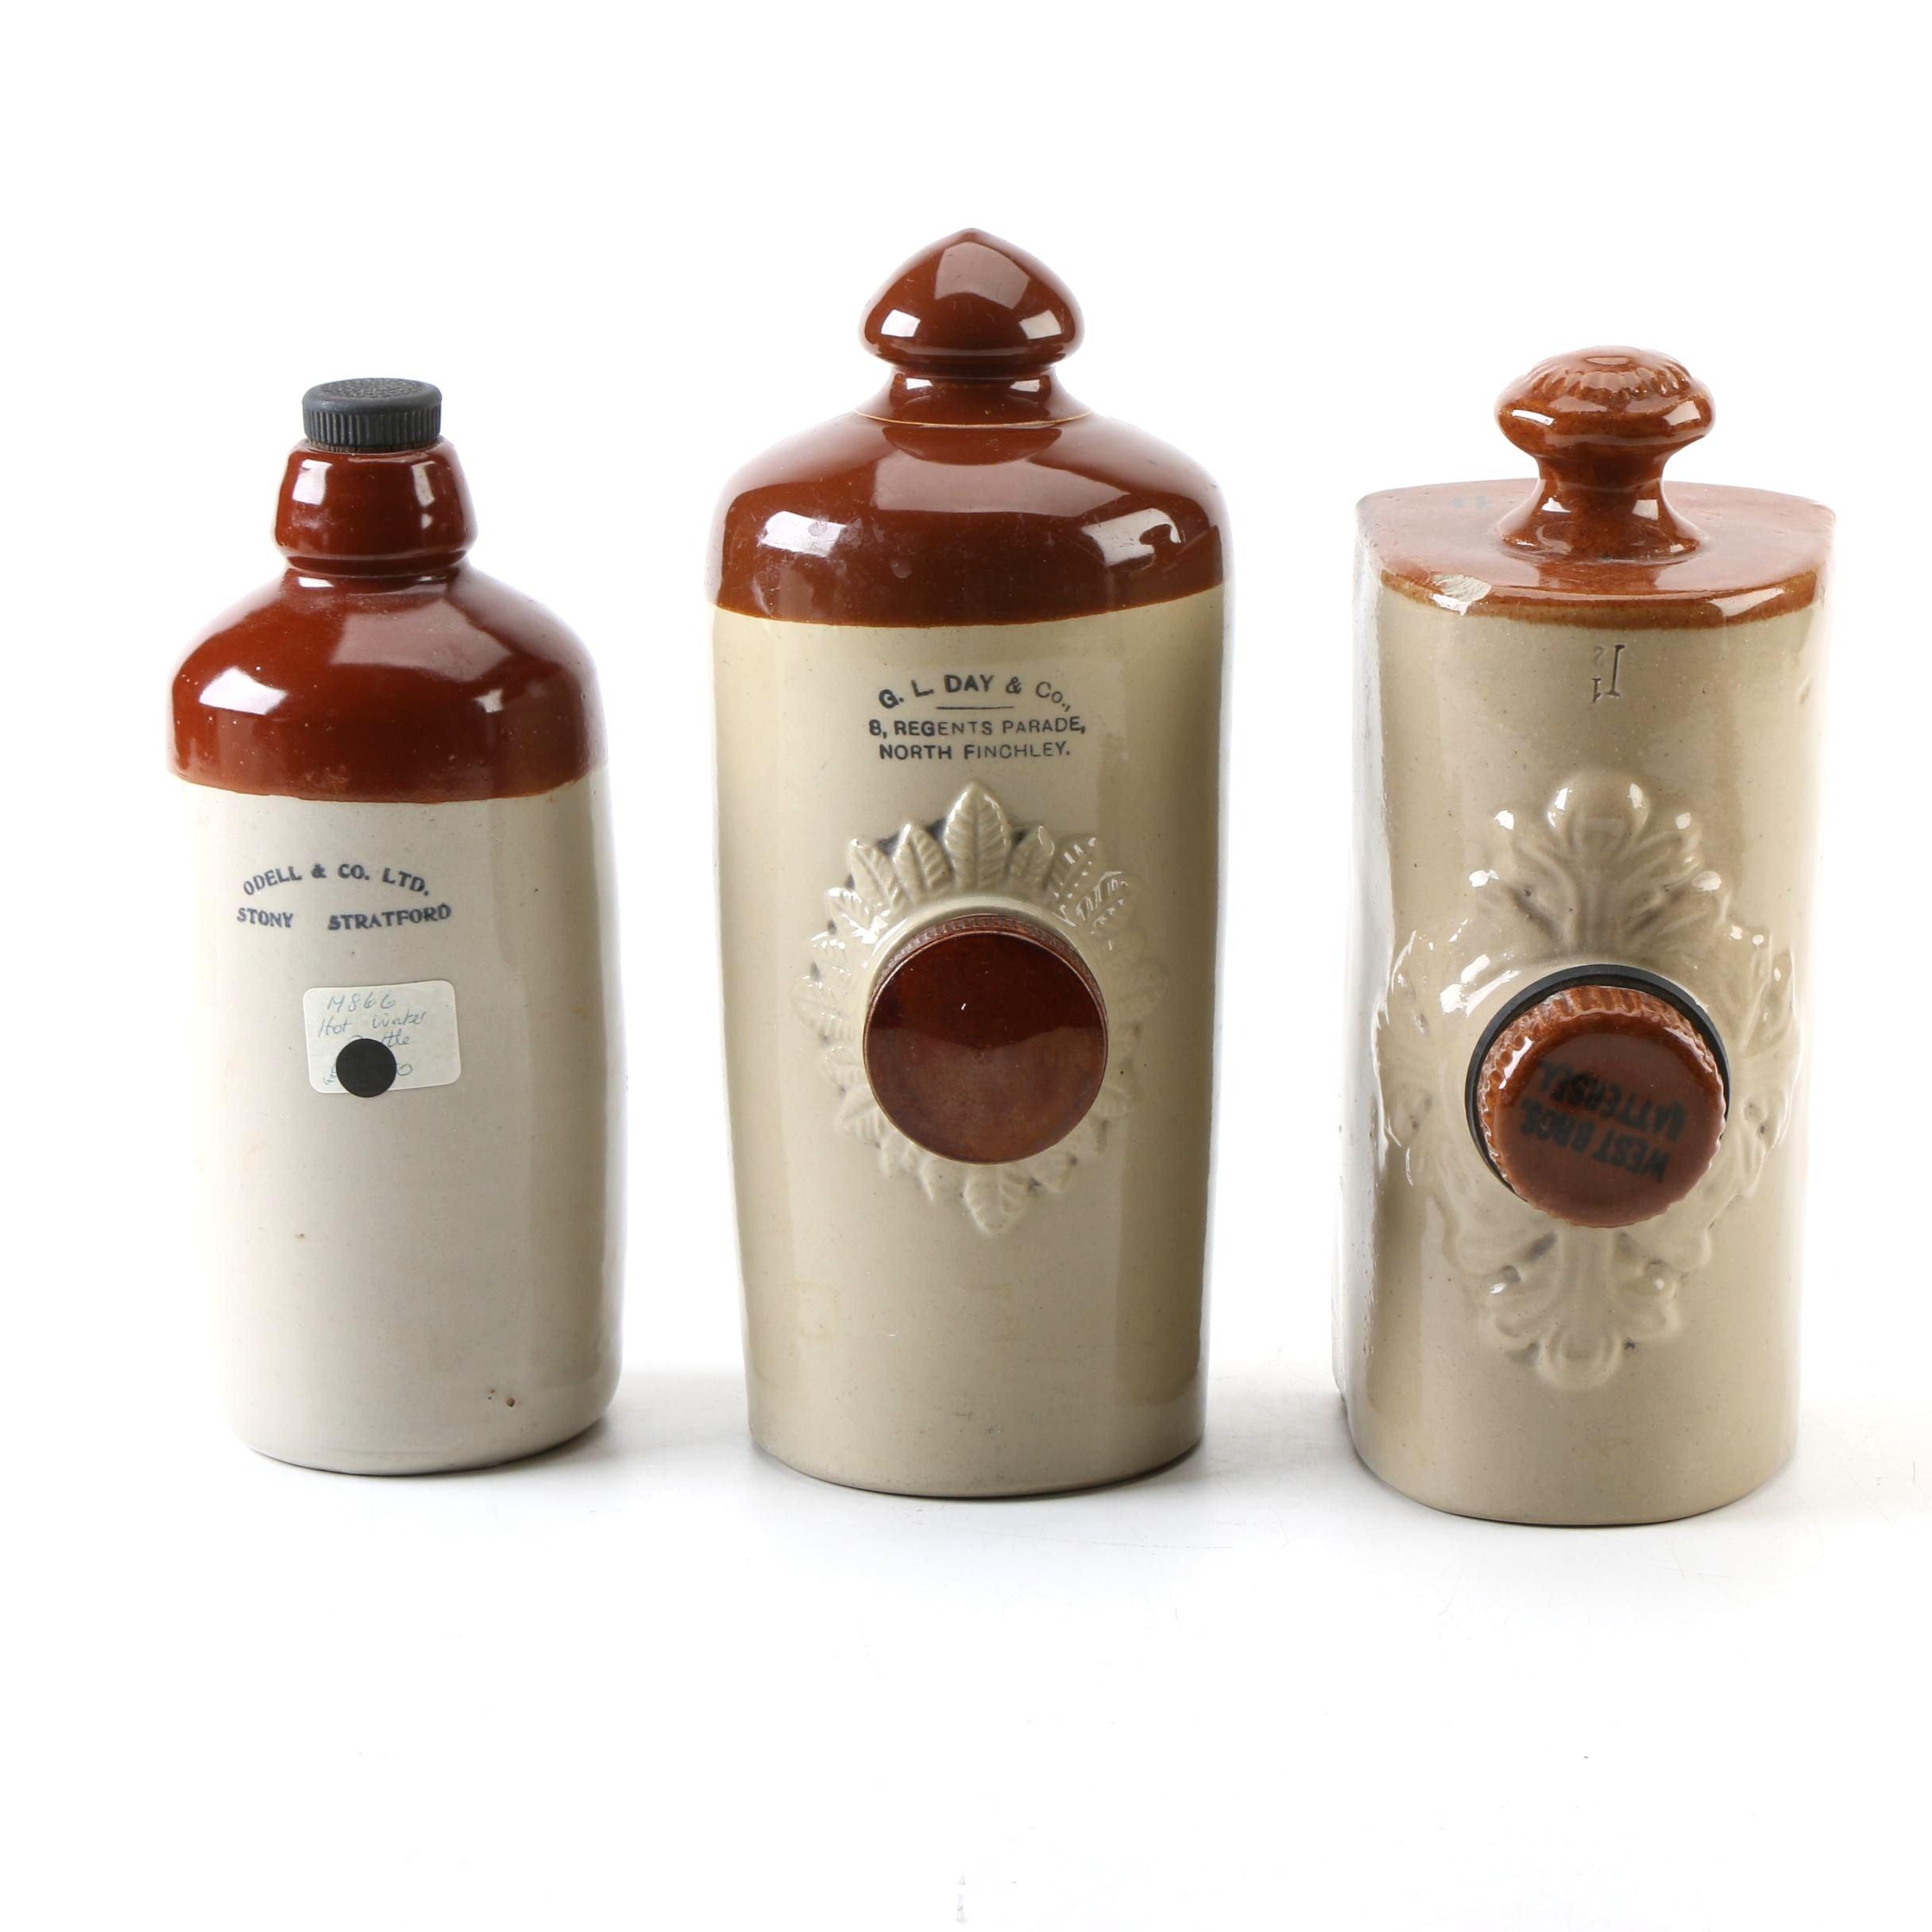 Vintage Hot Water Bottles Including Odell & Co.